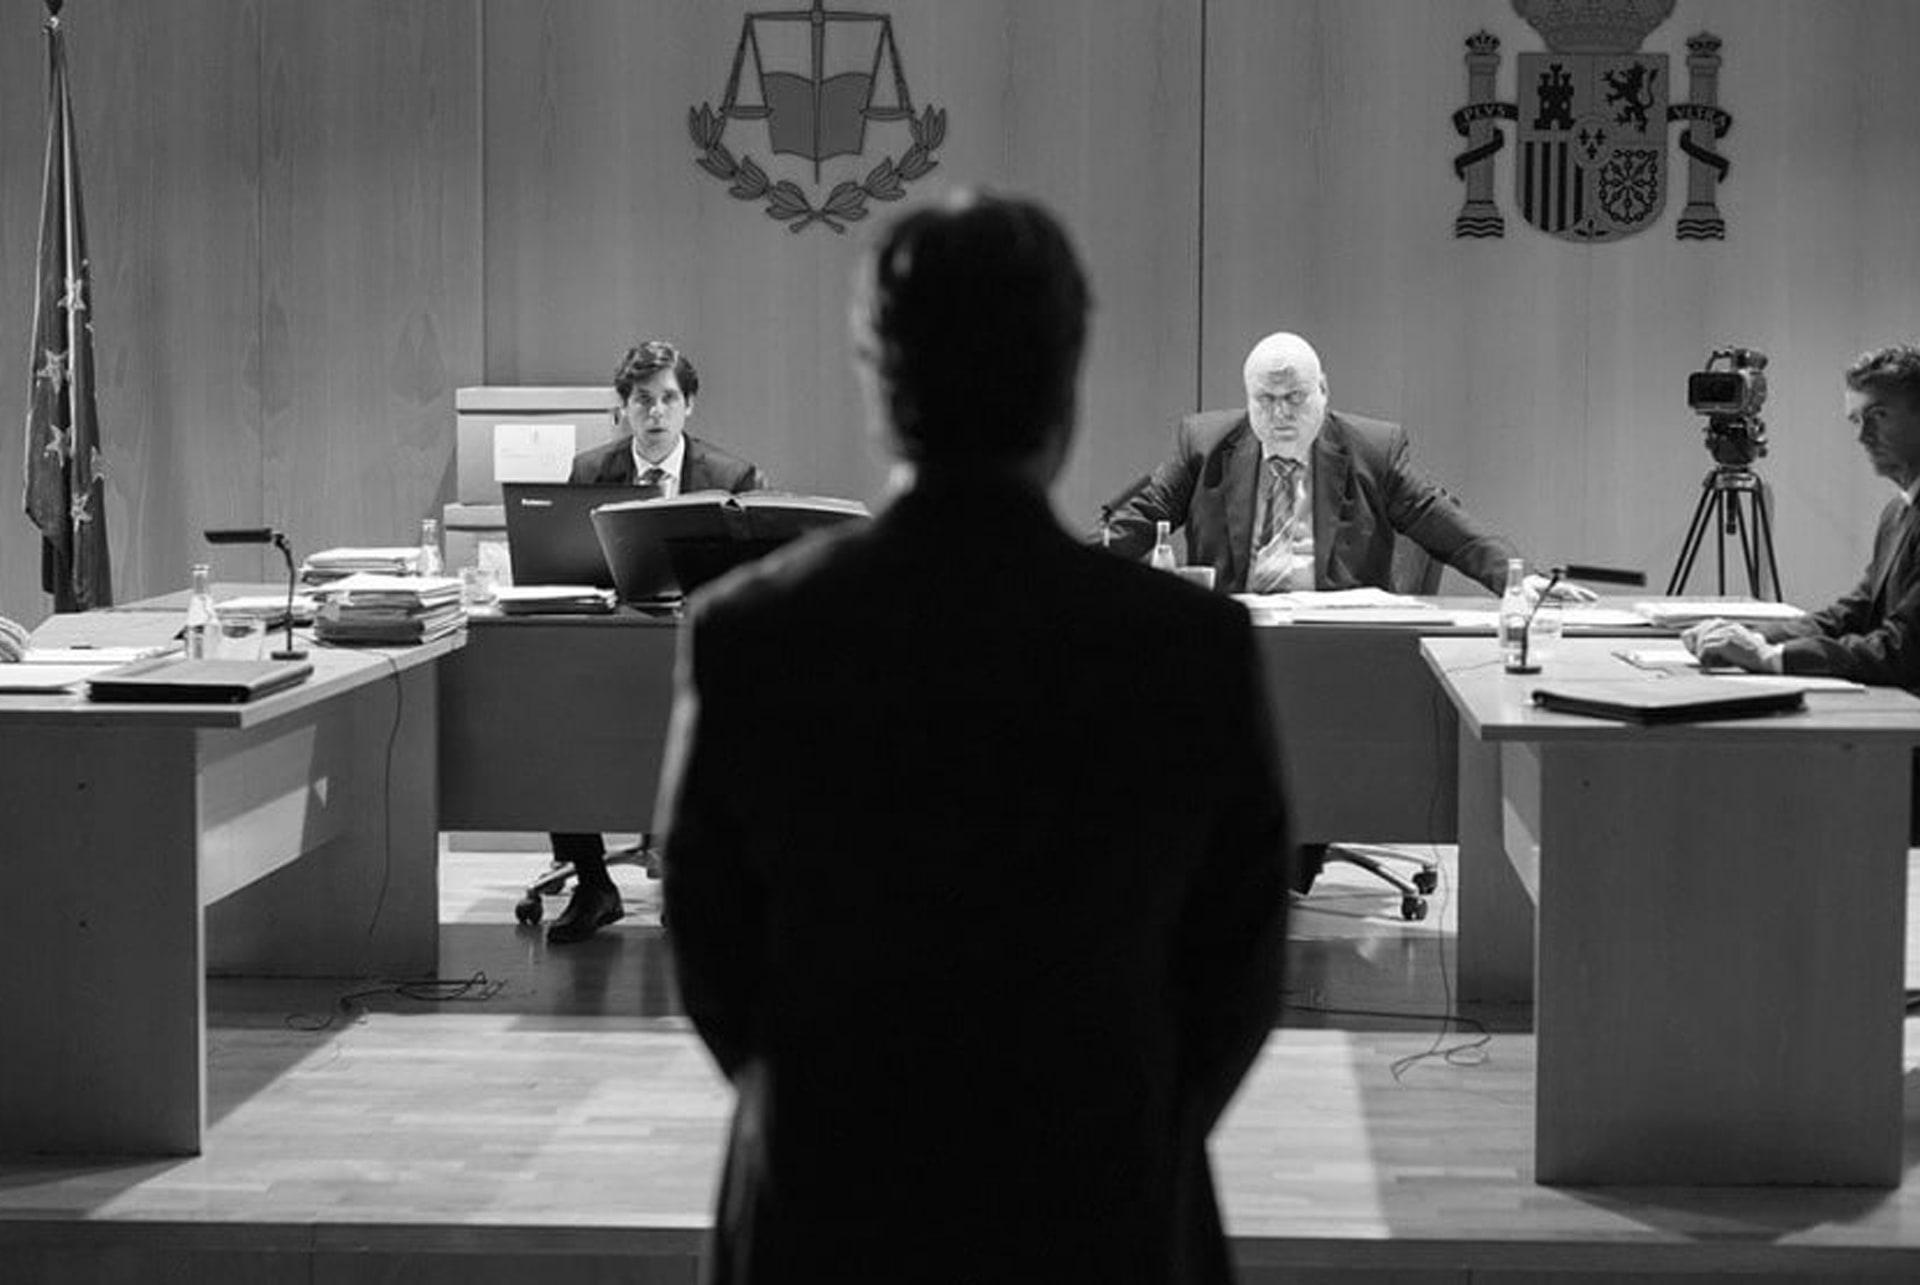 Un acusado frente a un juez en una sala de vistas